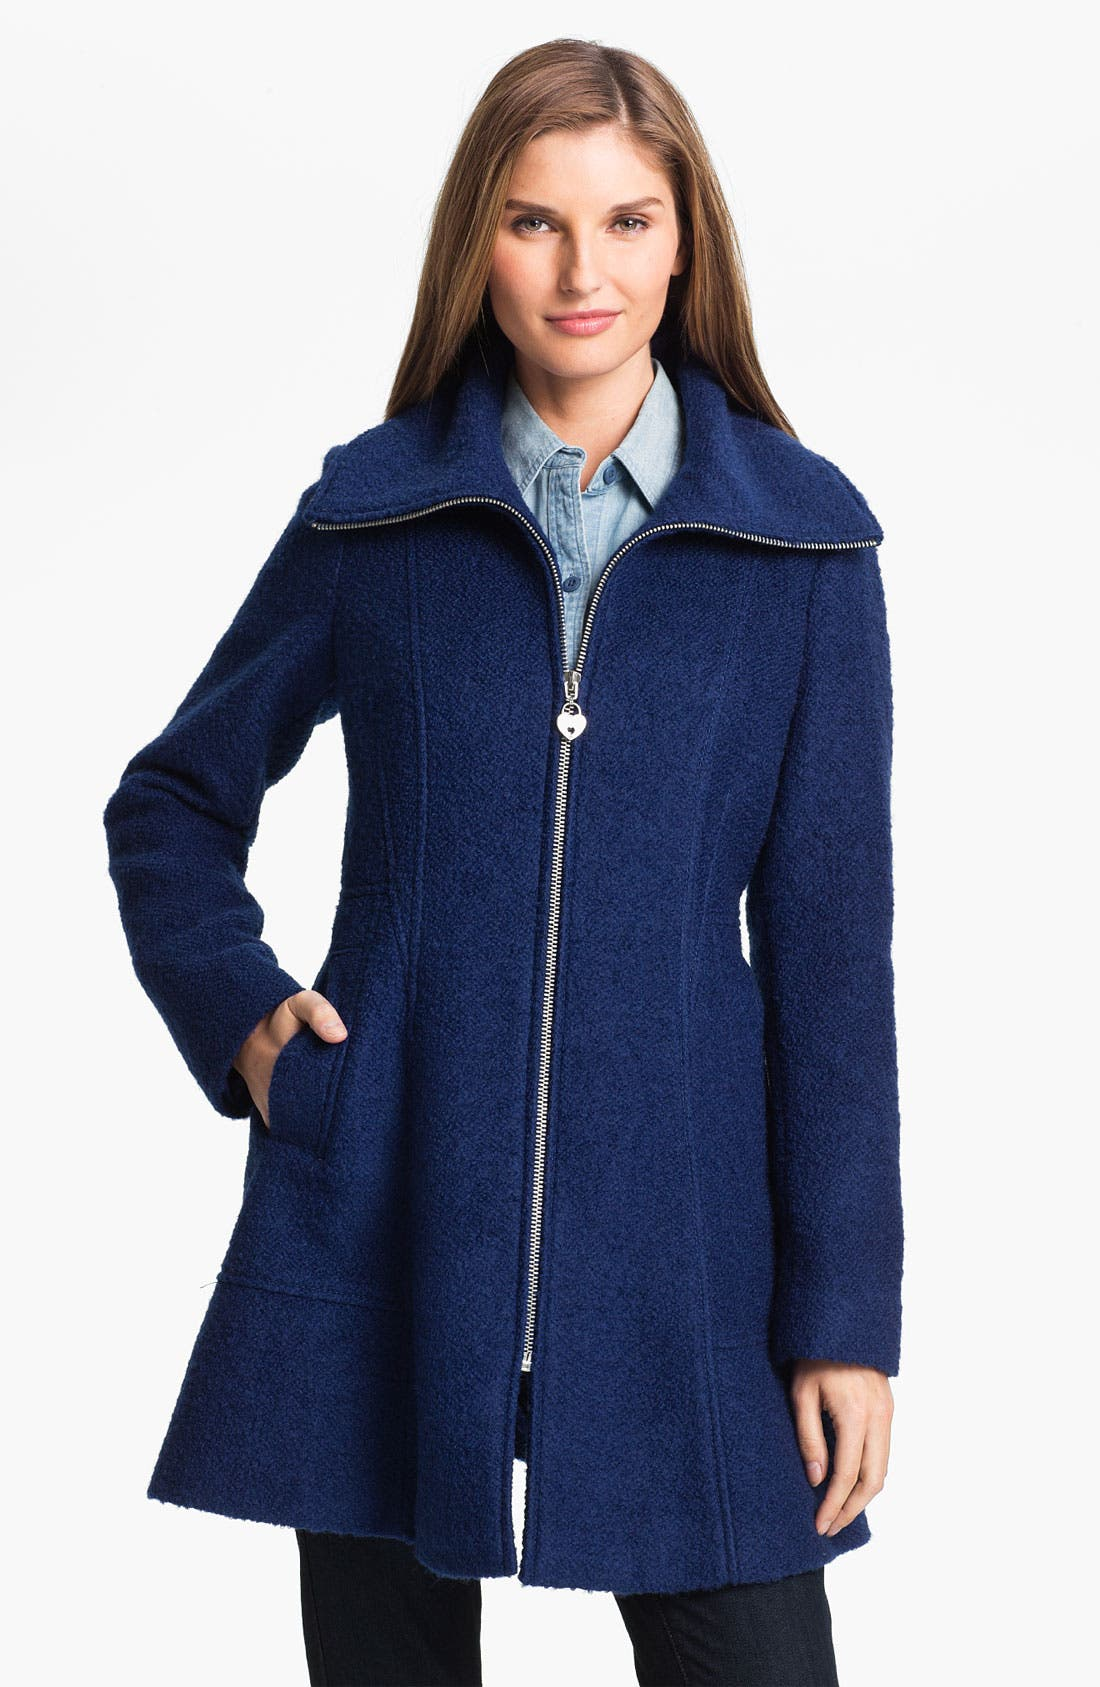 Main Image - GUESS Bouclé Walking Coat (Petite) (Online Exclusive)